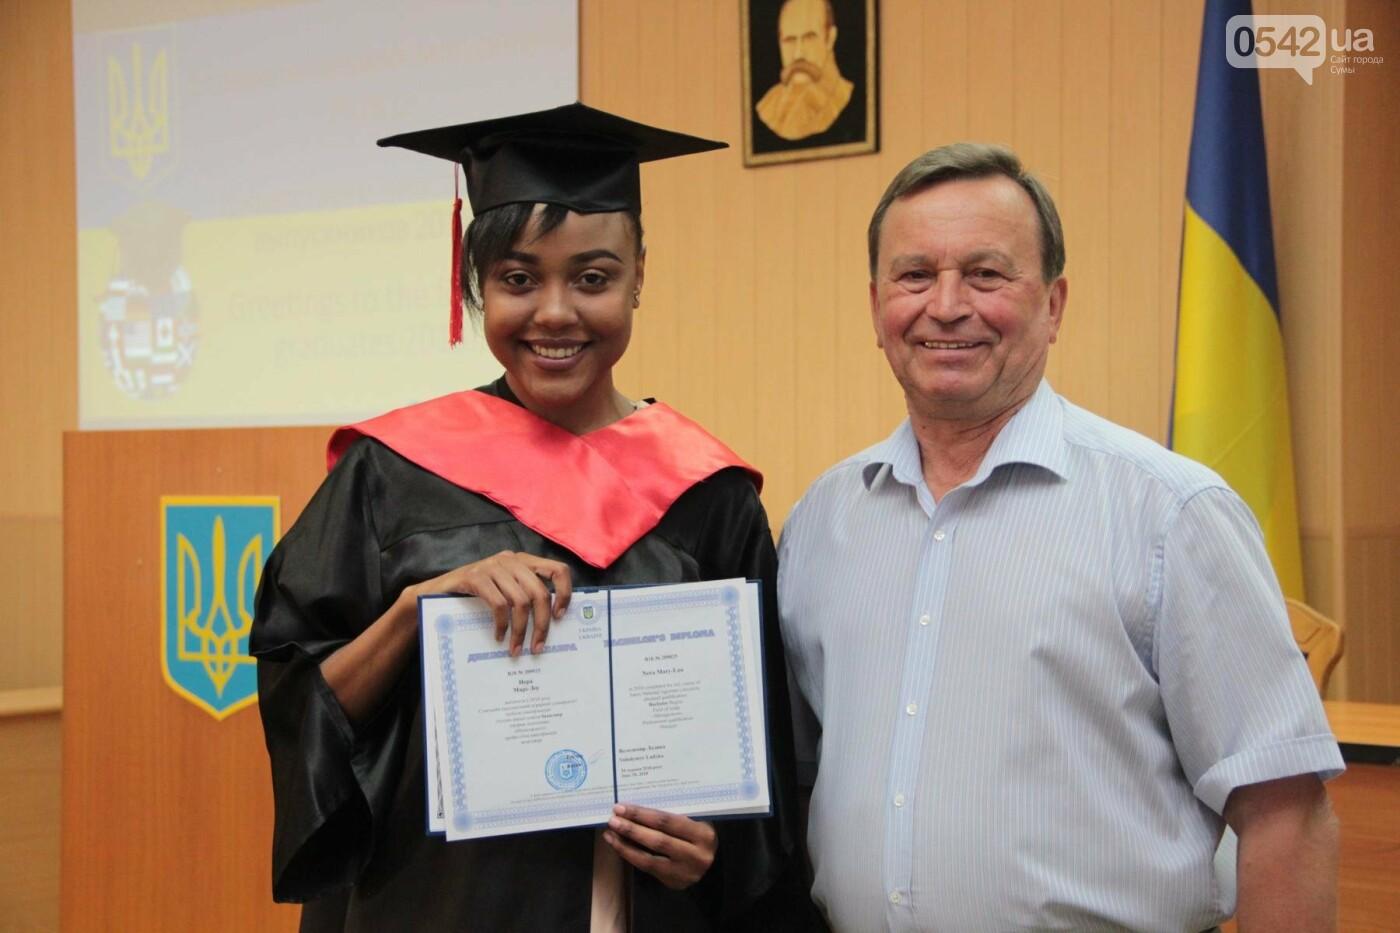 В Сумском НАУ состоялся торжественный выпуск студентов-иностранцев, фото-2